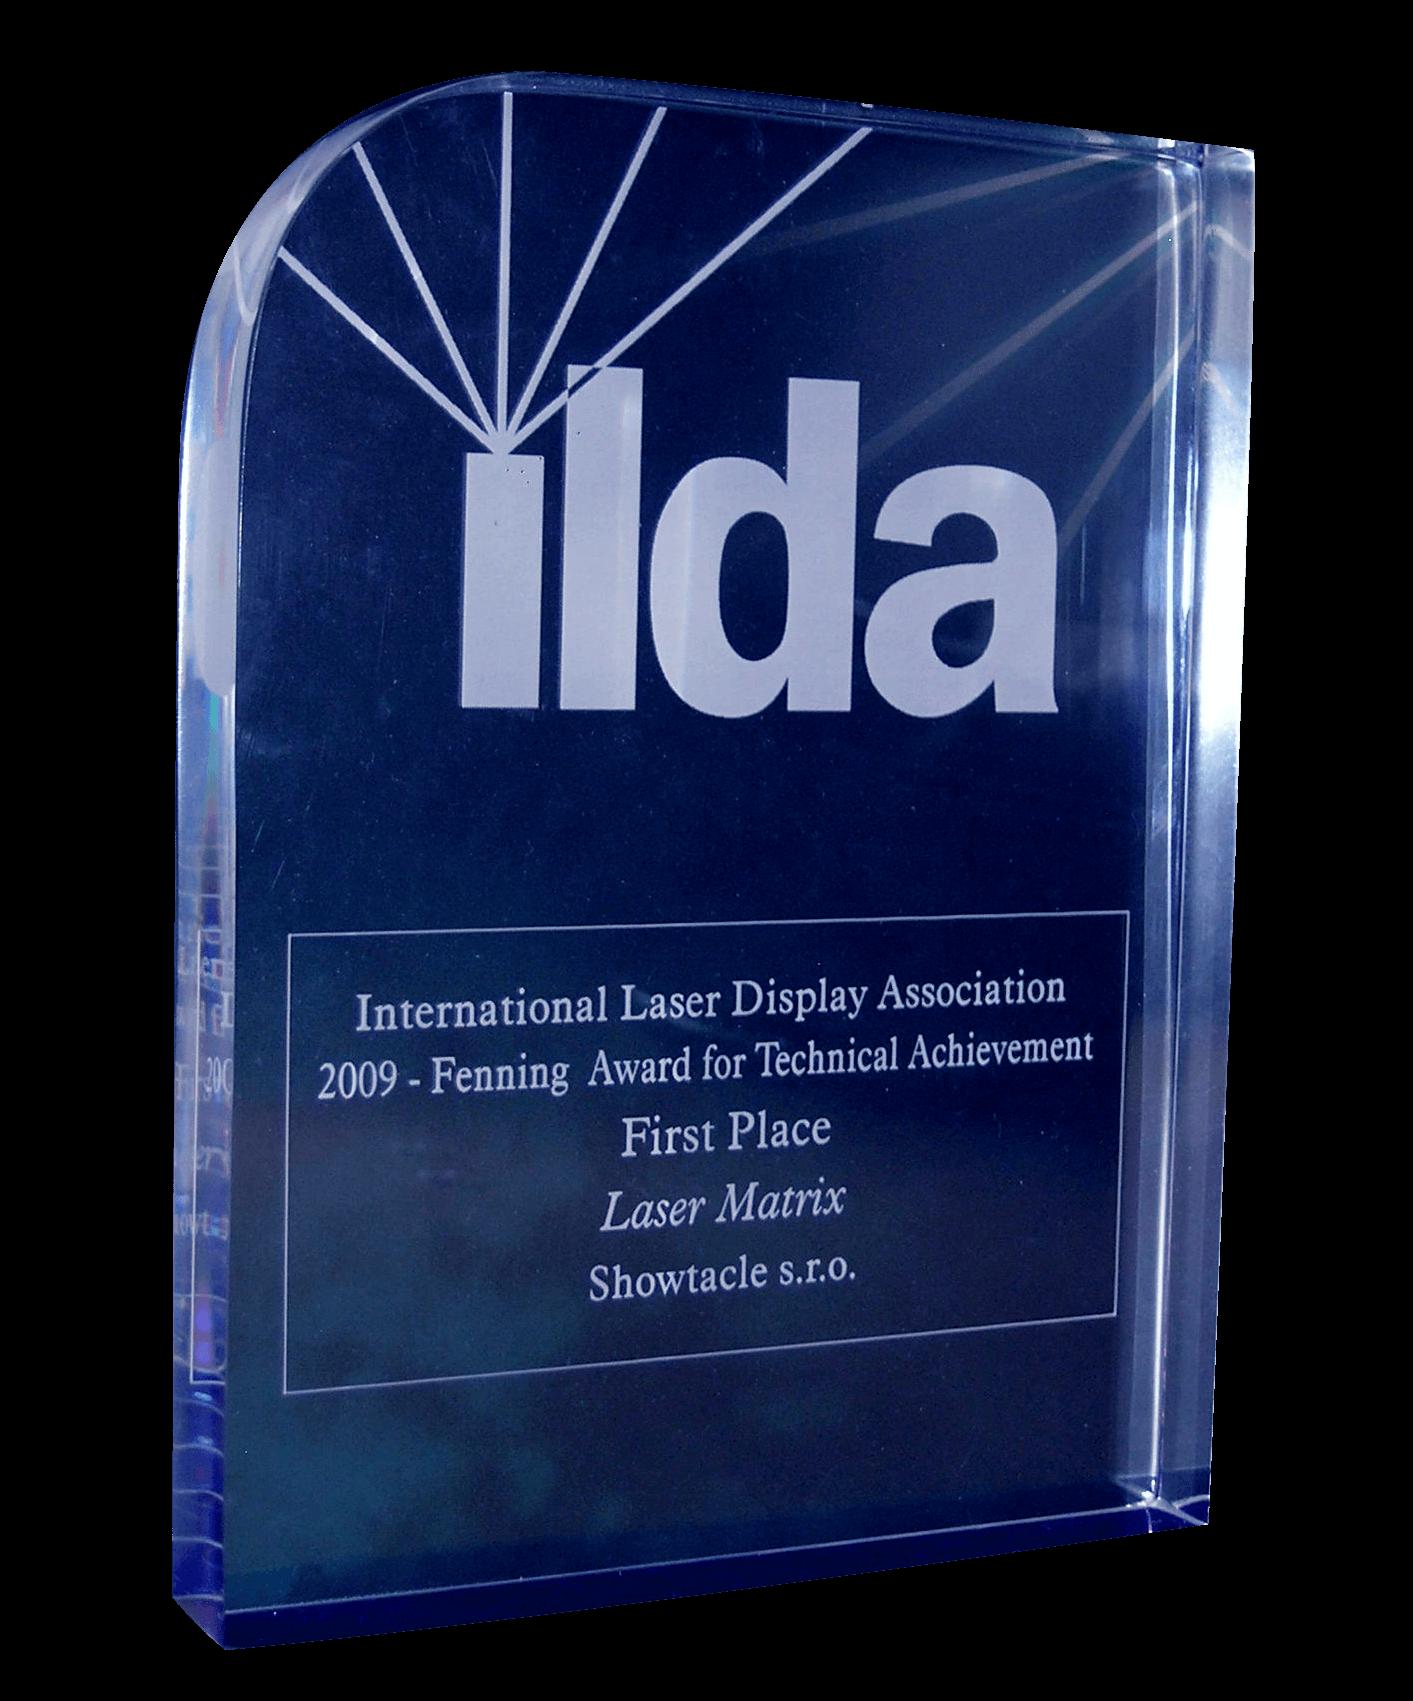 ILDA2009